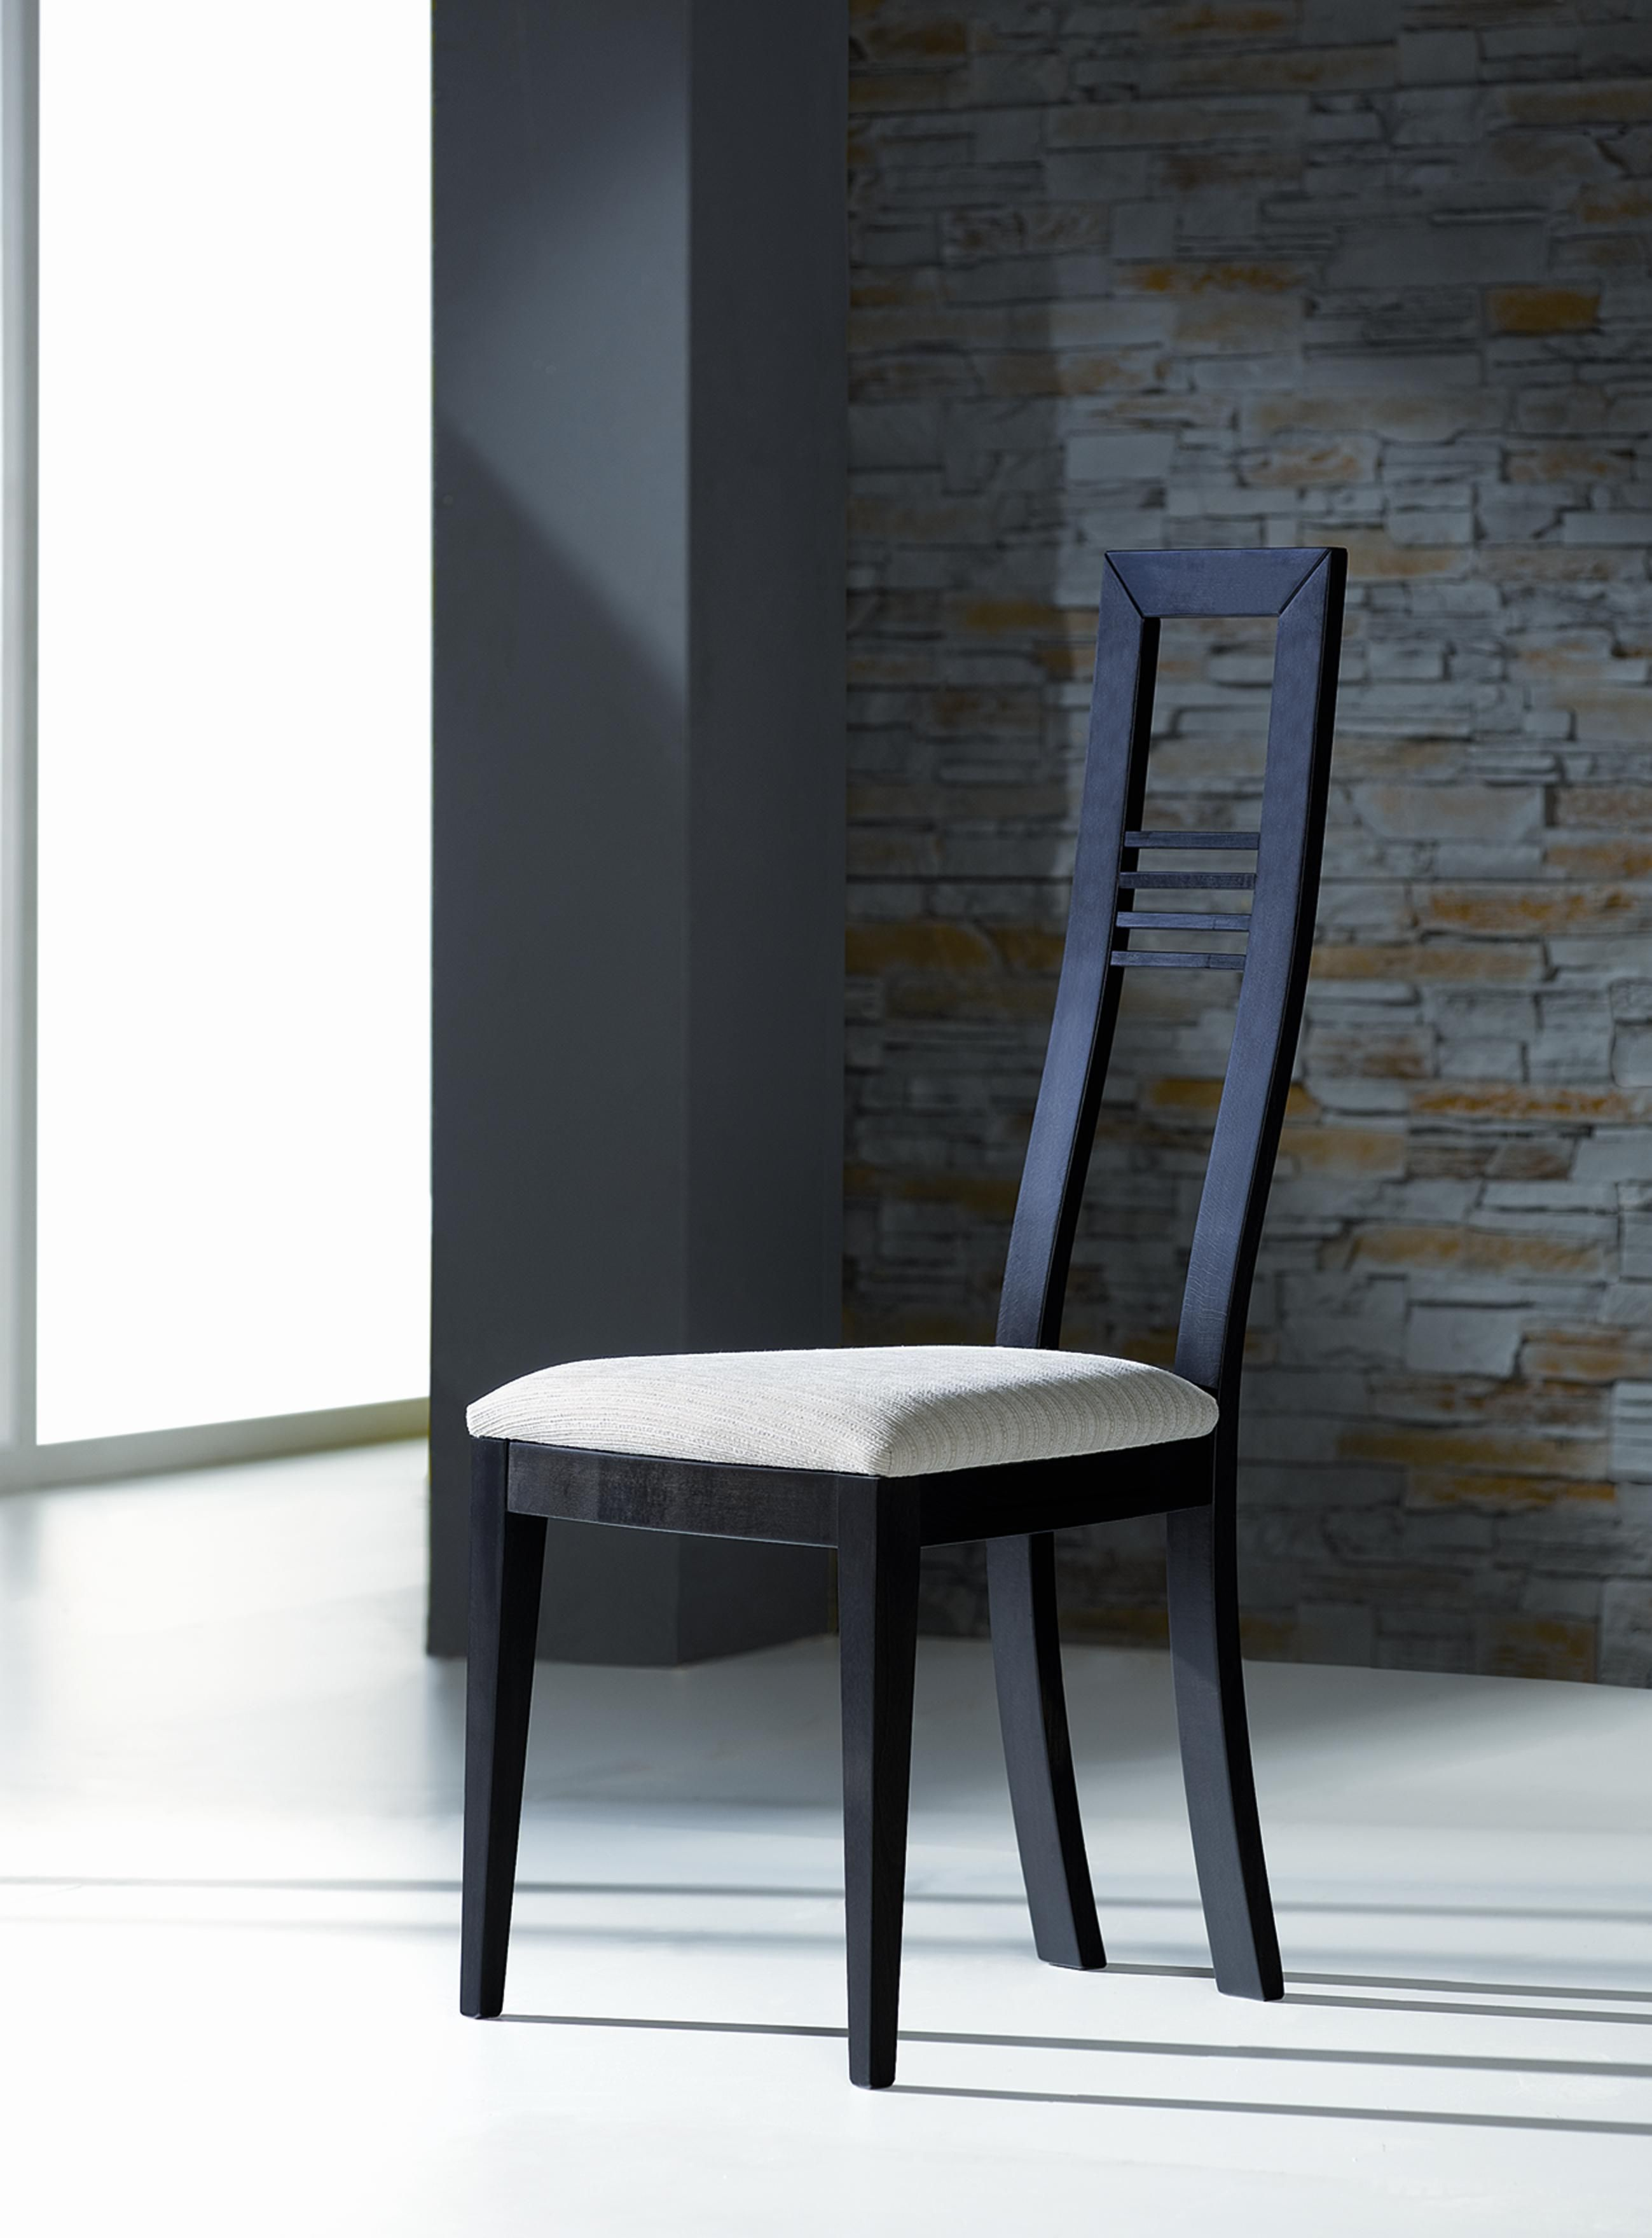 sillas modernas para comedor | inspiración de diseño de interiores ...